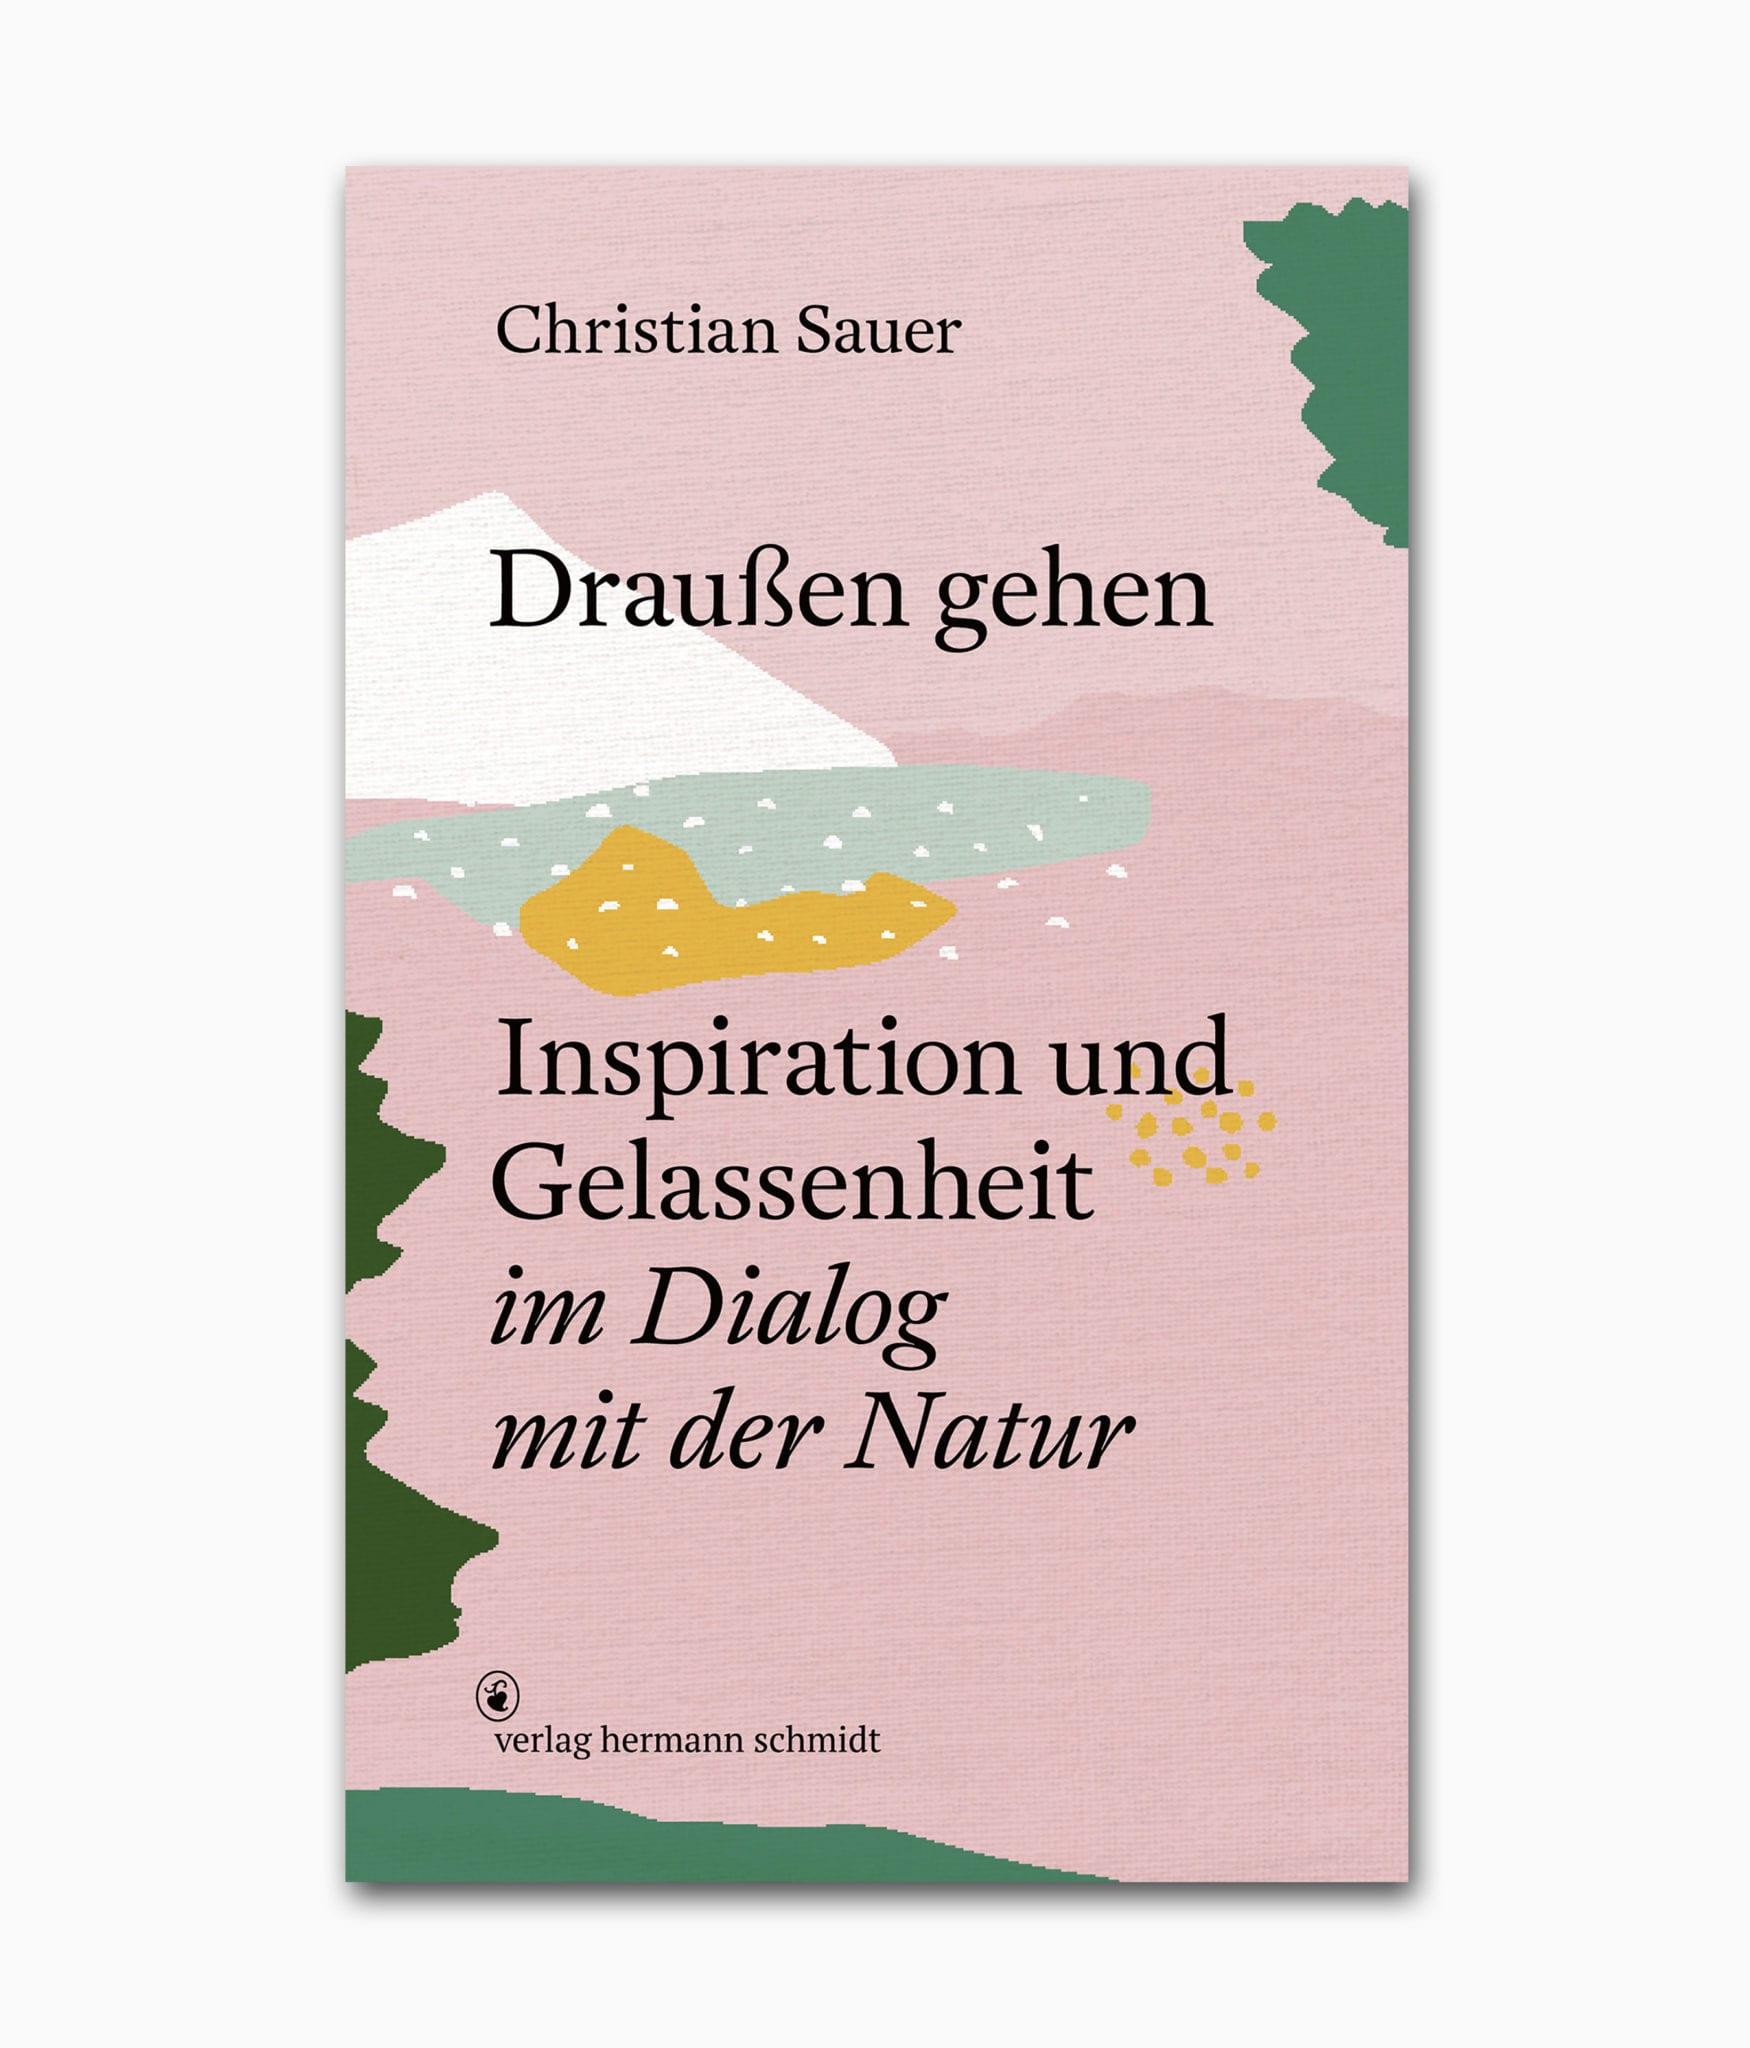 Buchcover des Buches aus dem Verlag Hermann Schmidt mit dem Namen Draußen gehen Inspiration und Gelassenheit im Dialog mit der Natur